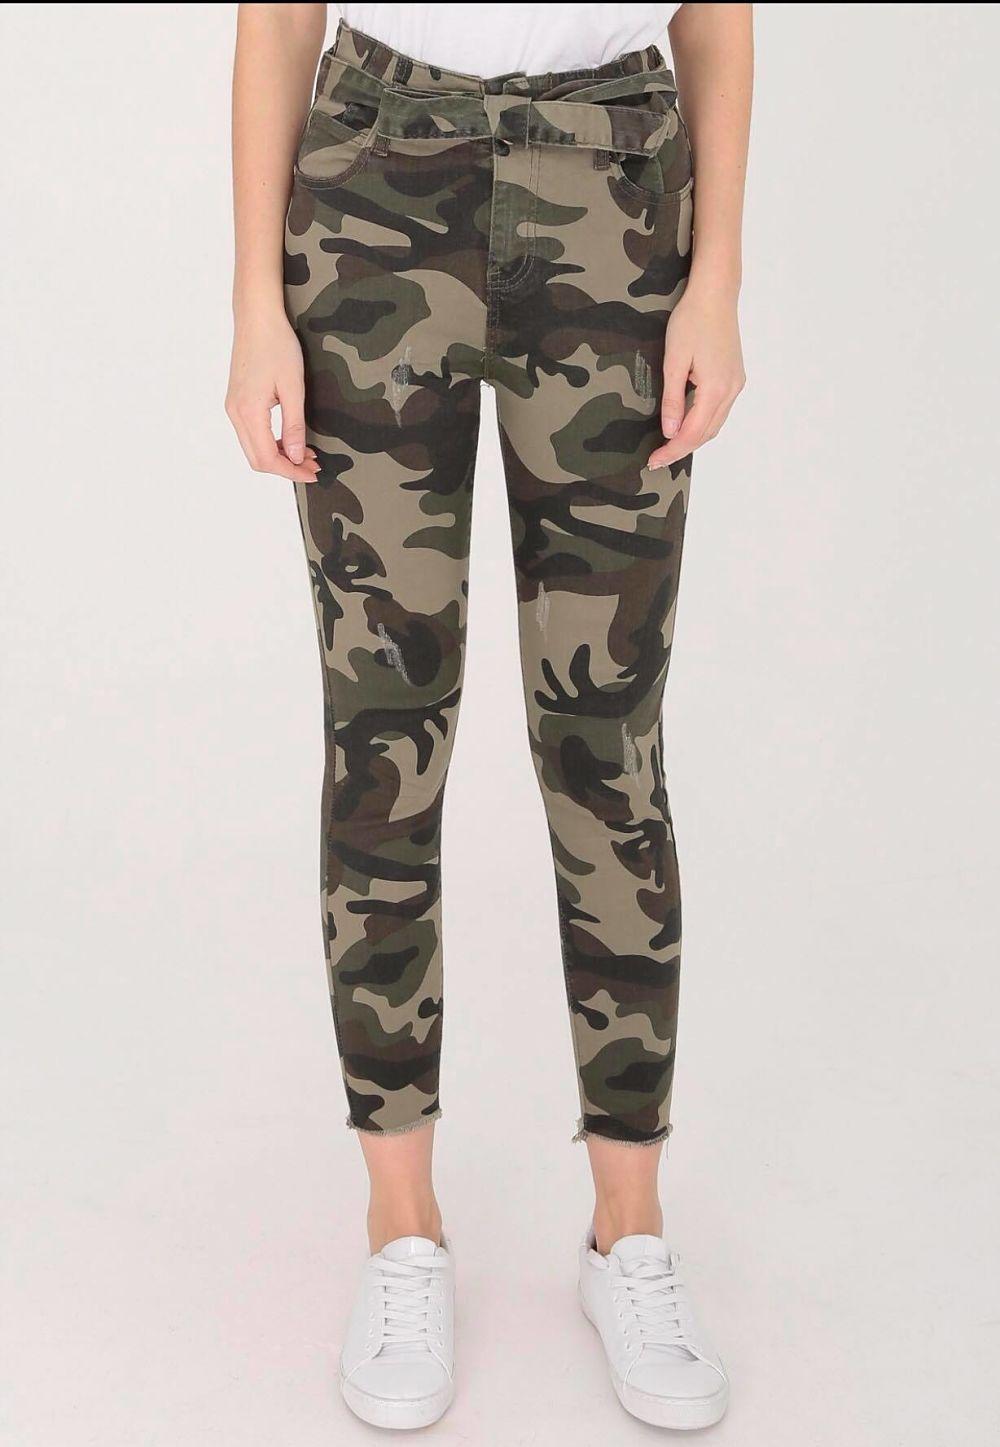 jean militaire ceinture - mili